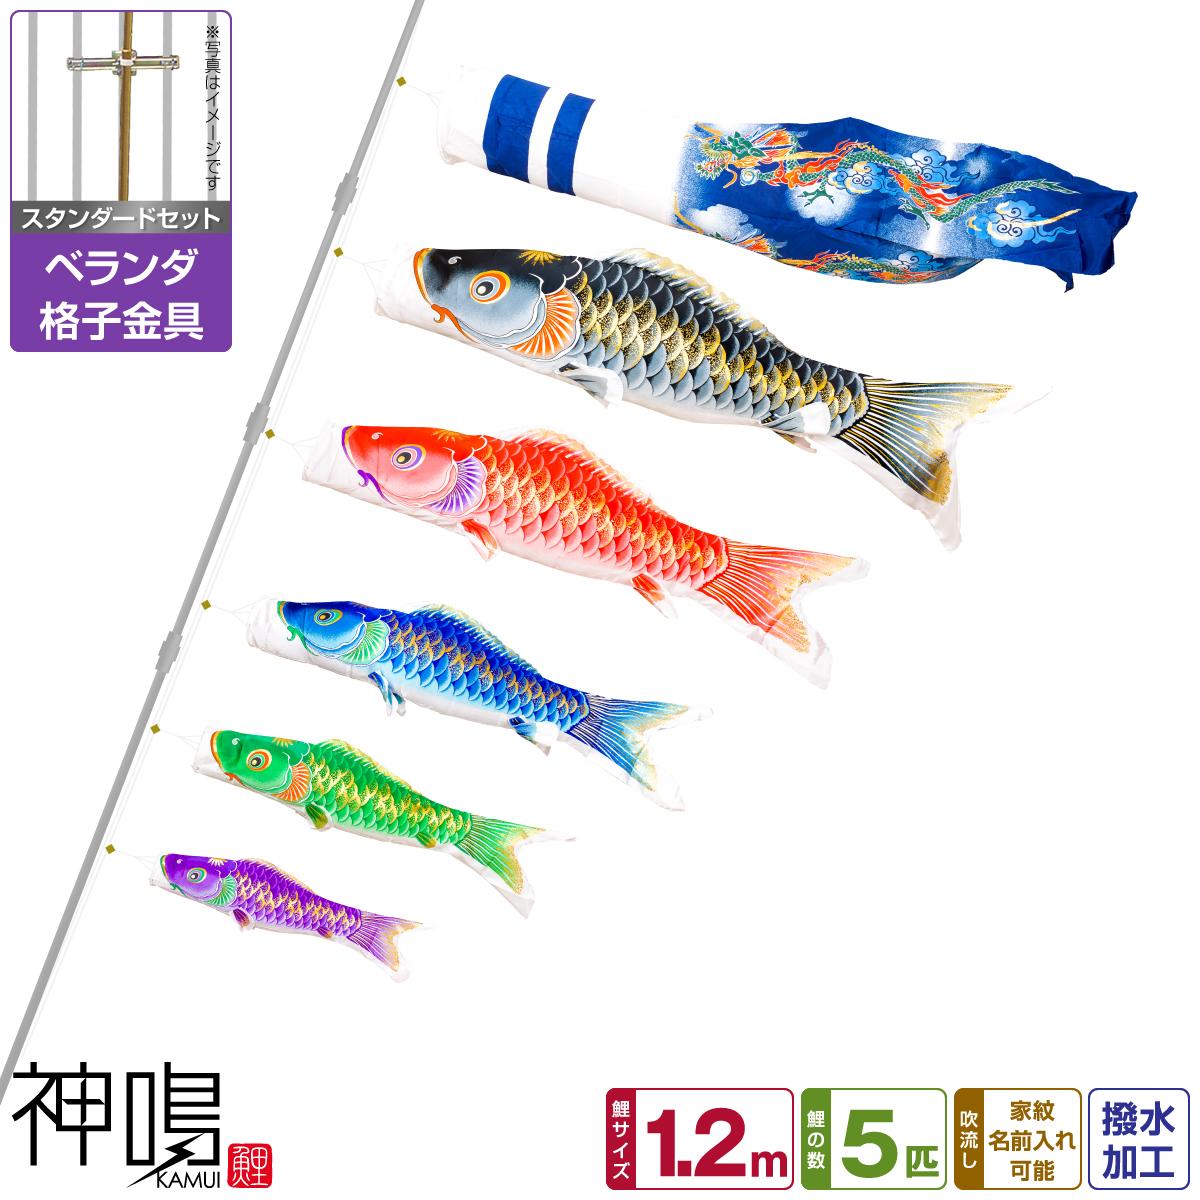 ベランダ用 鯉のぼり 神鳴鯉-KAMUI- 1.2m 8点(吹流し+鯉5匹+矢車+ロープ)/スタンダードセット(格子金具)